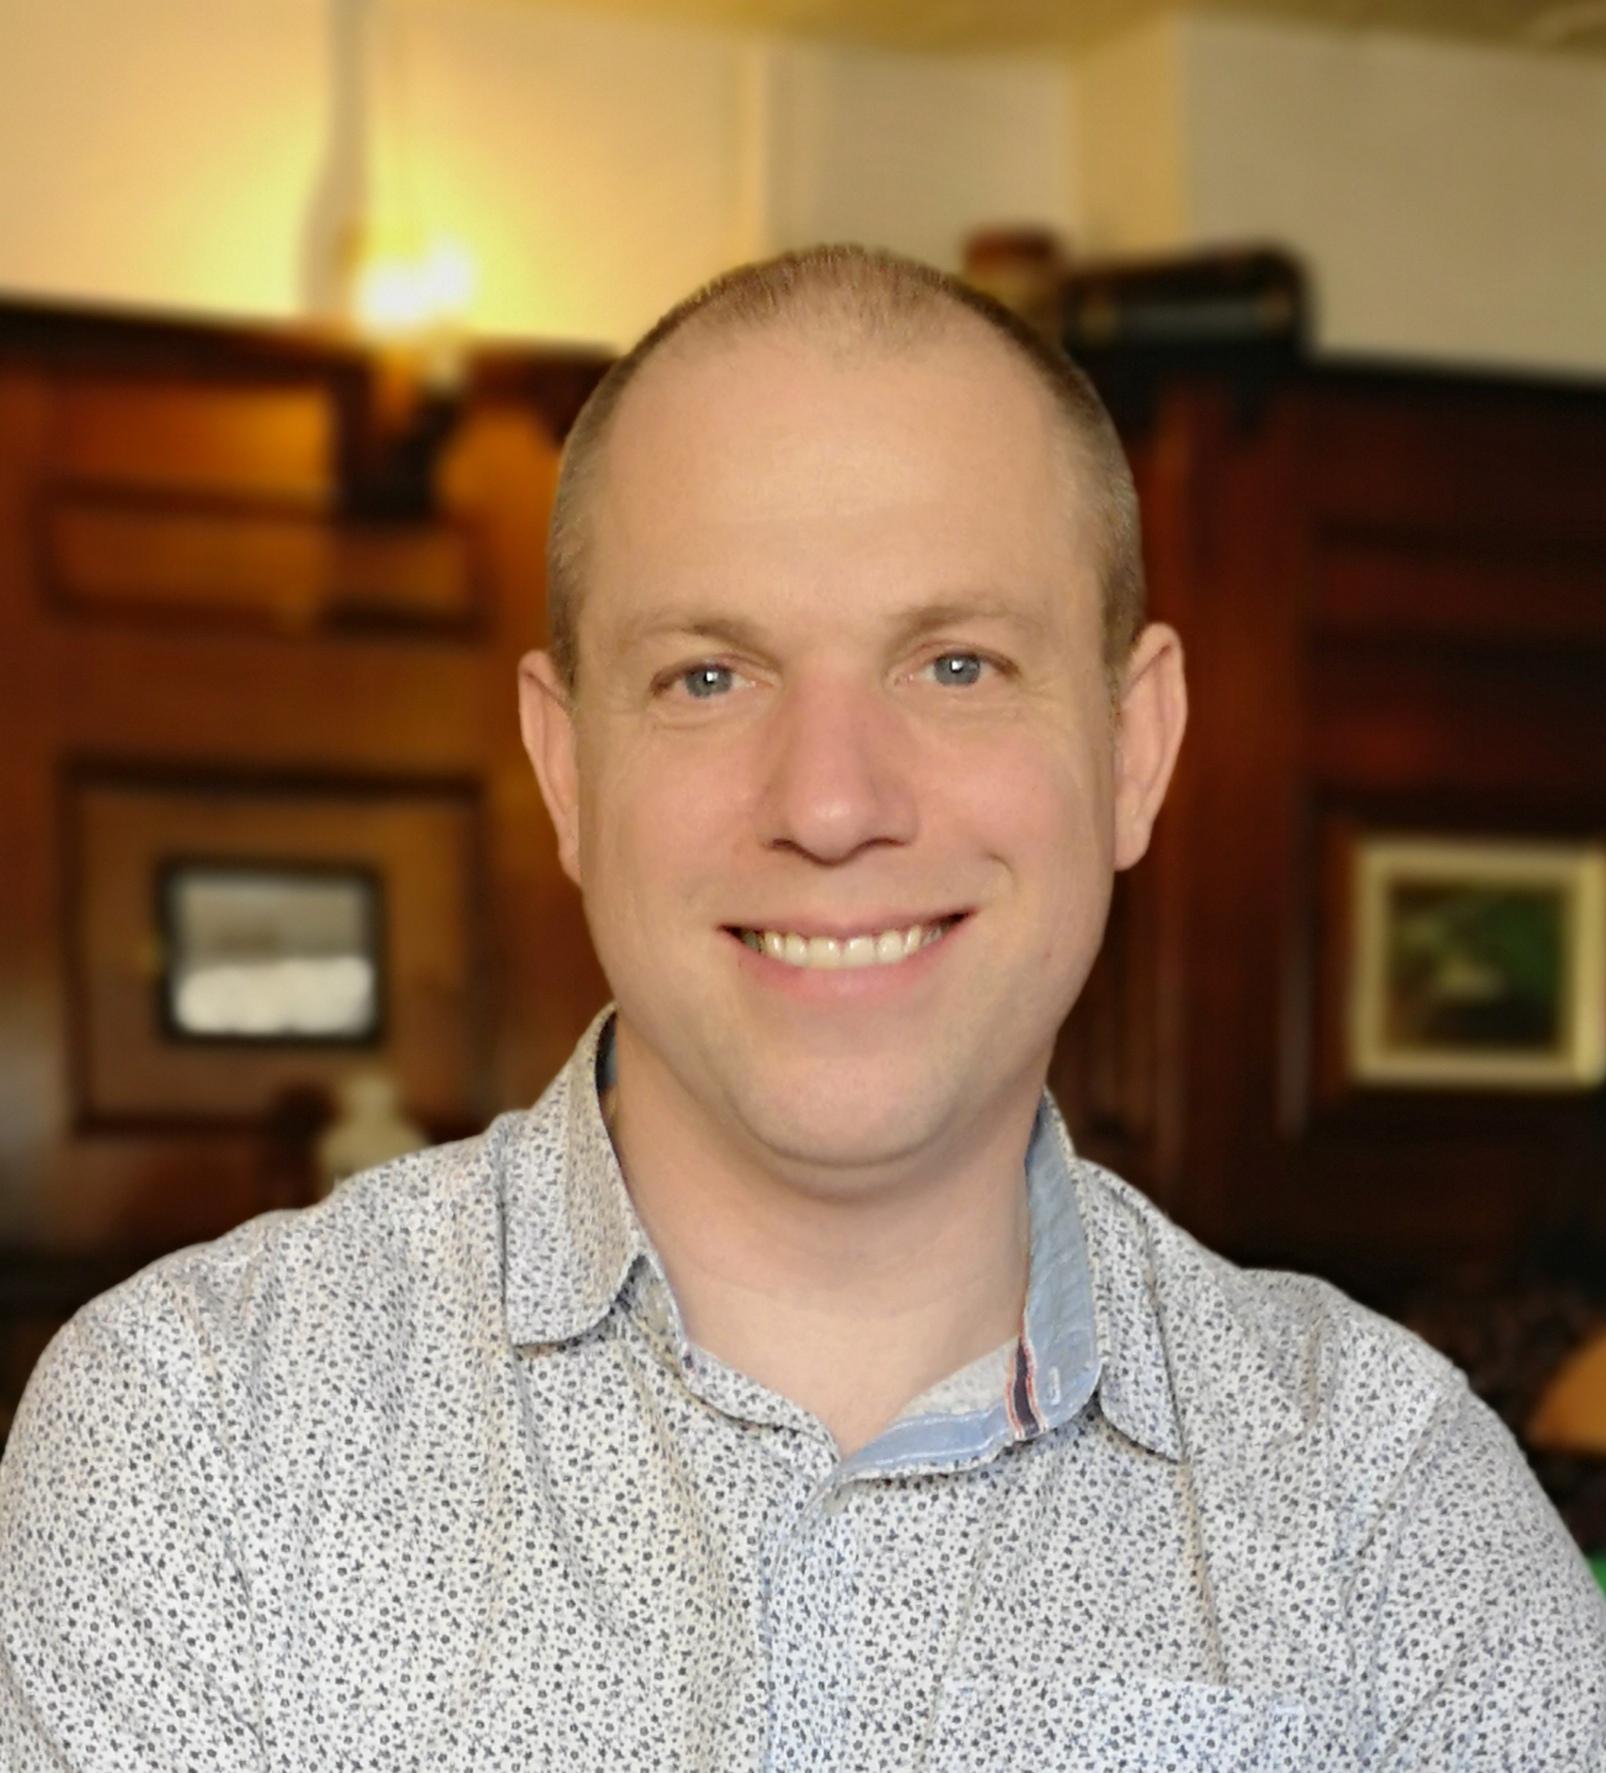 Darren Hunt